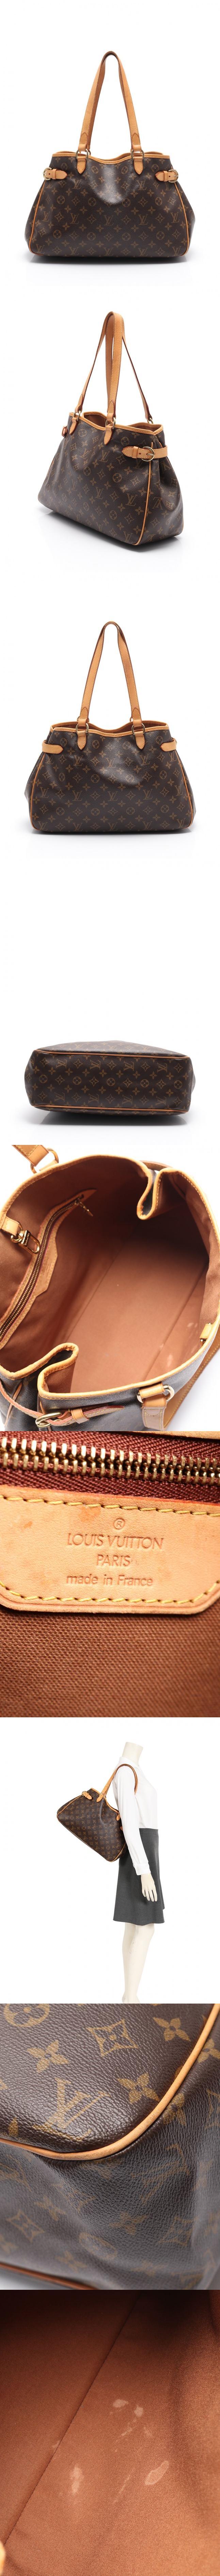 ショルダーバッグ バティニョール オリゾンタル モノグラム 茶 M51154 PVC レザー